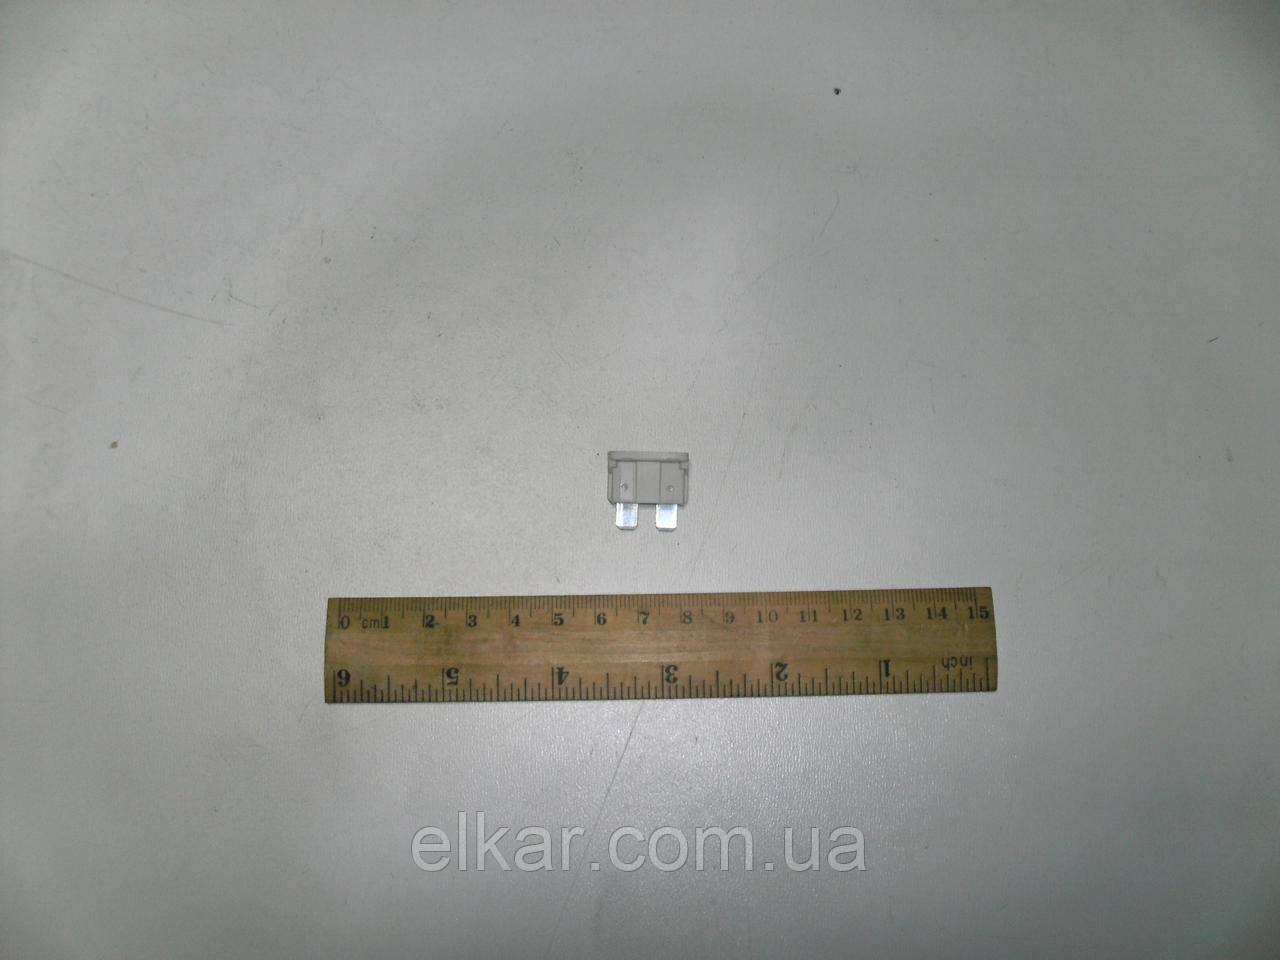 Запобіжник штекерний 35.3722000-05 25 А (Туреччина)